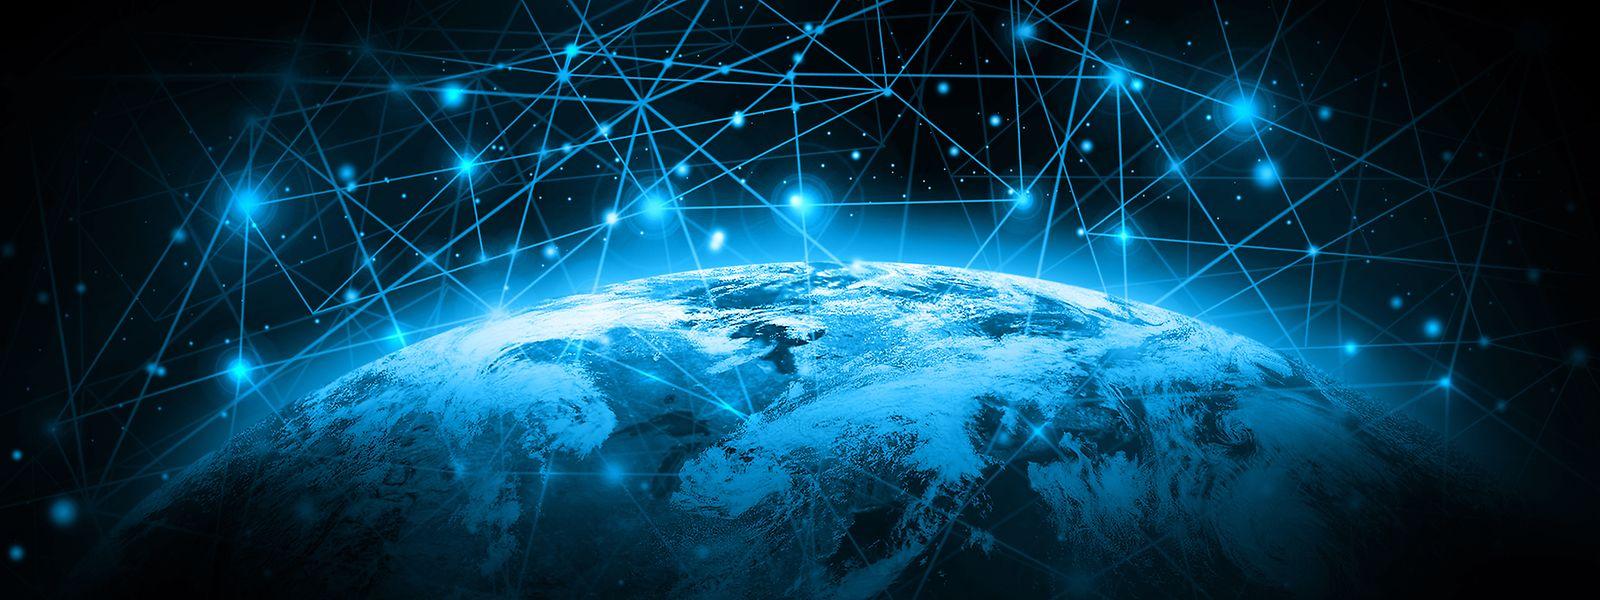 Der 2. September 1969 wird als der Geburtstag des Internets bezeichnet.